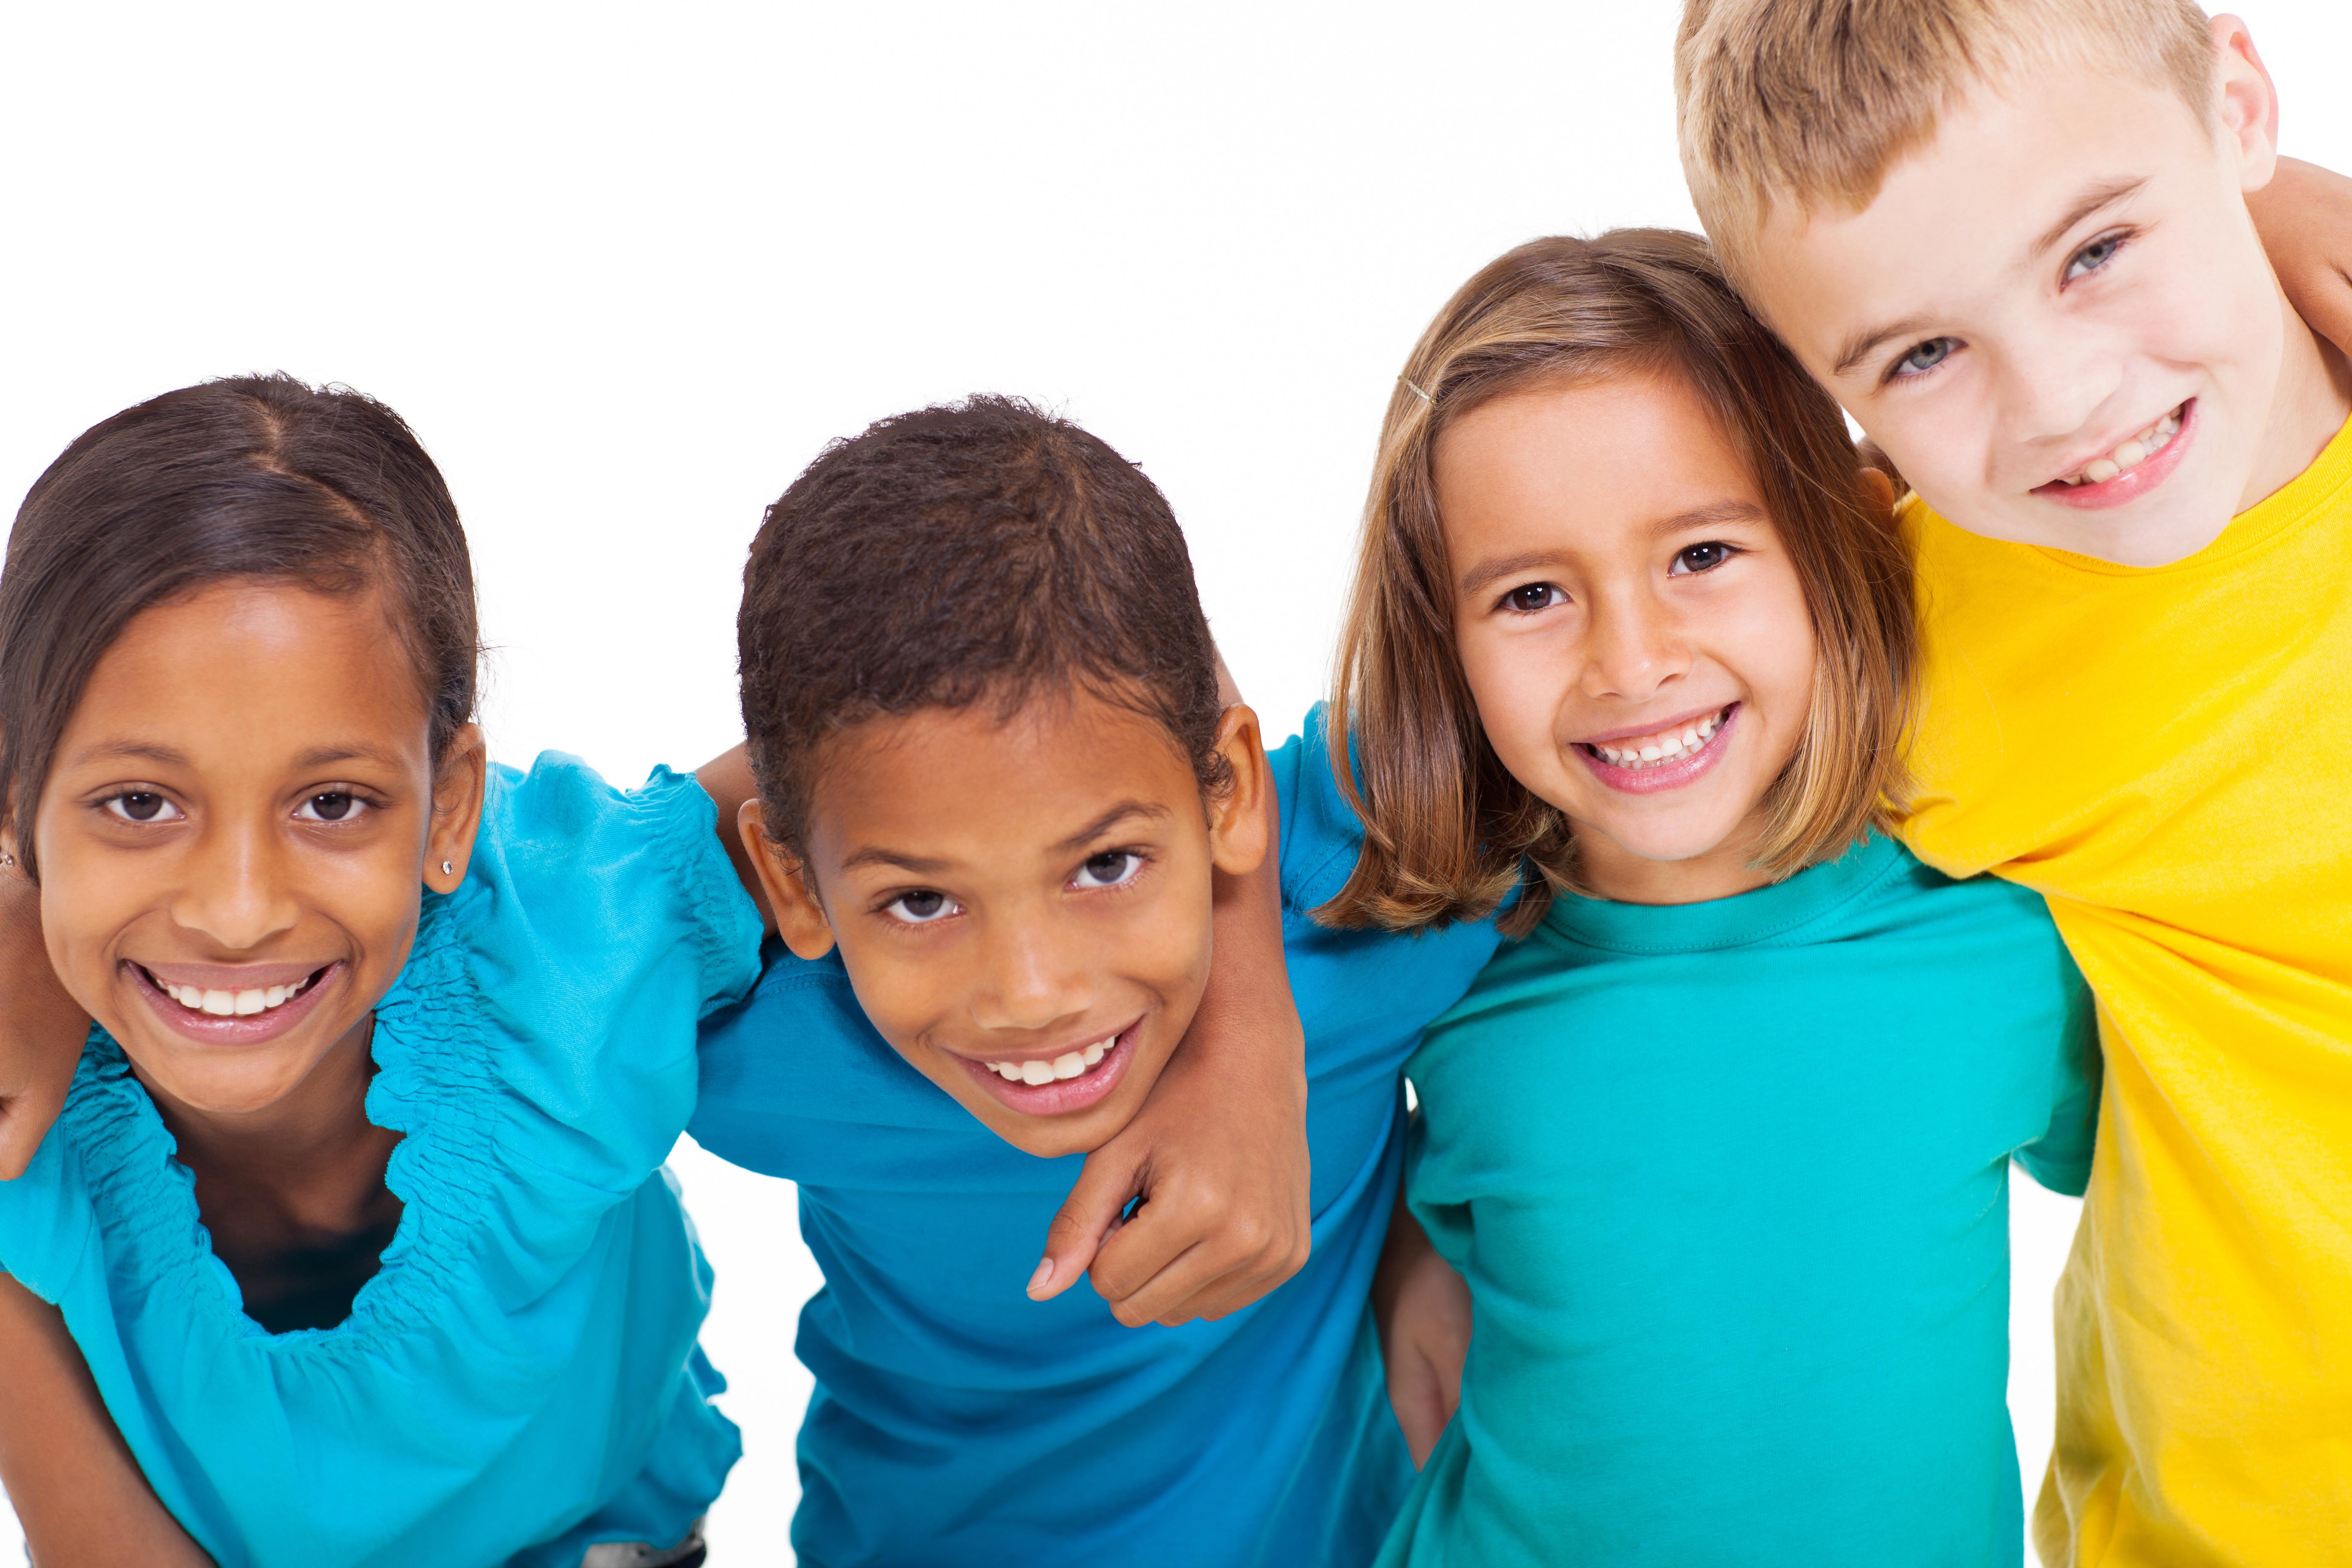 Comment mesure le niveau de bien-être dans votre école ?